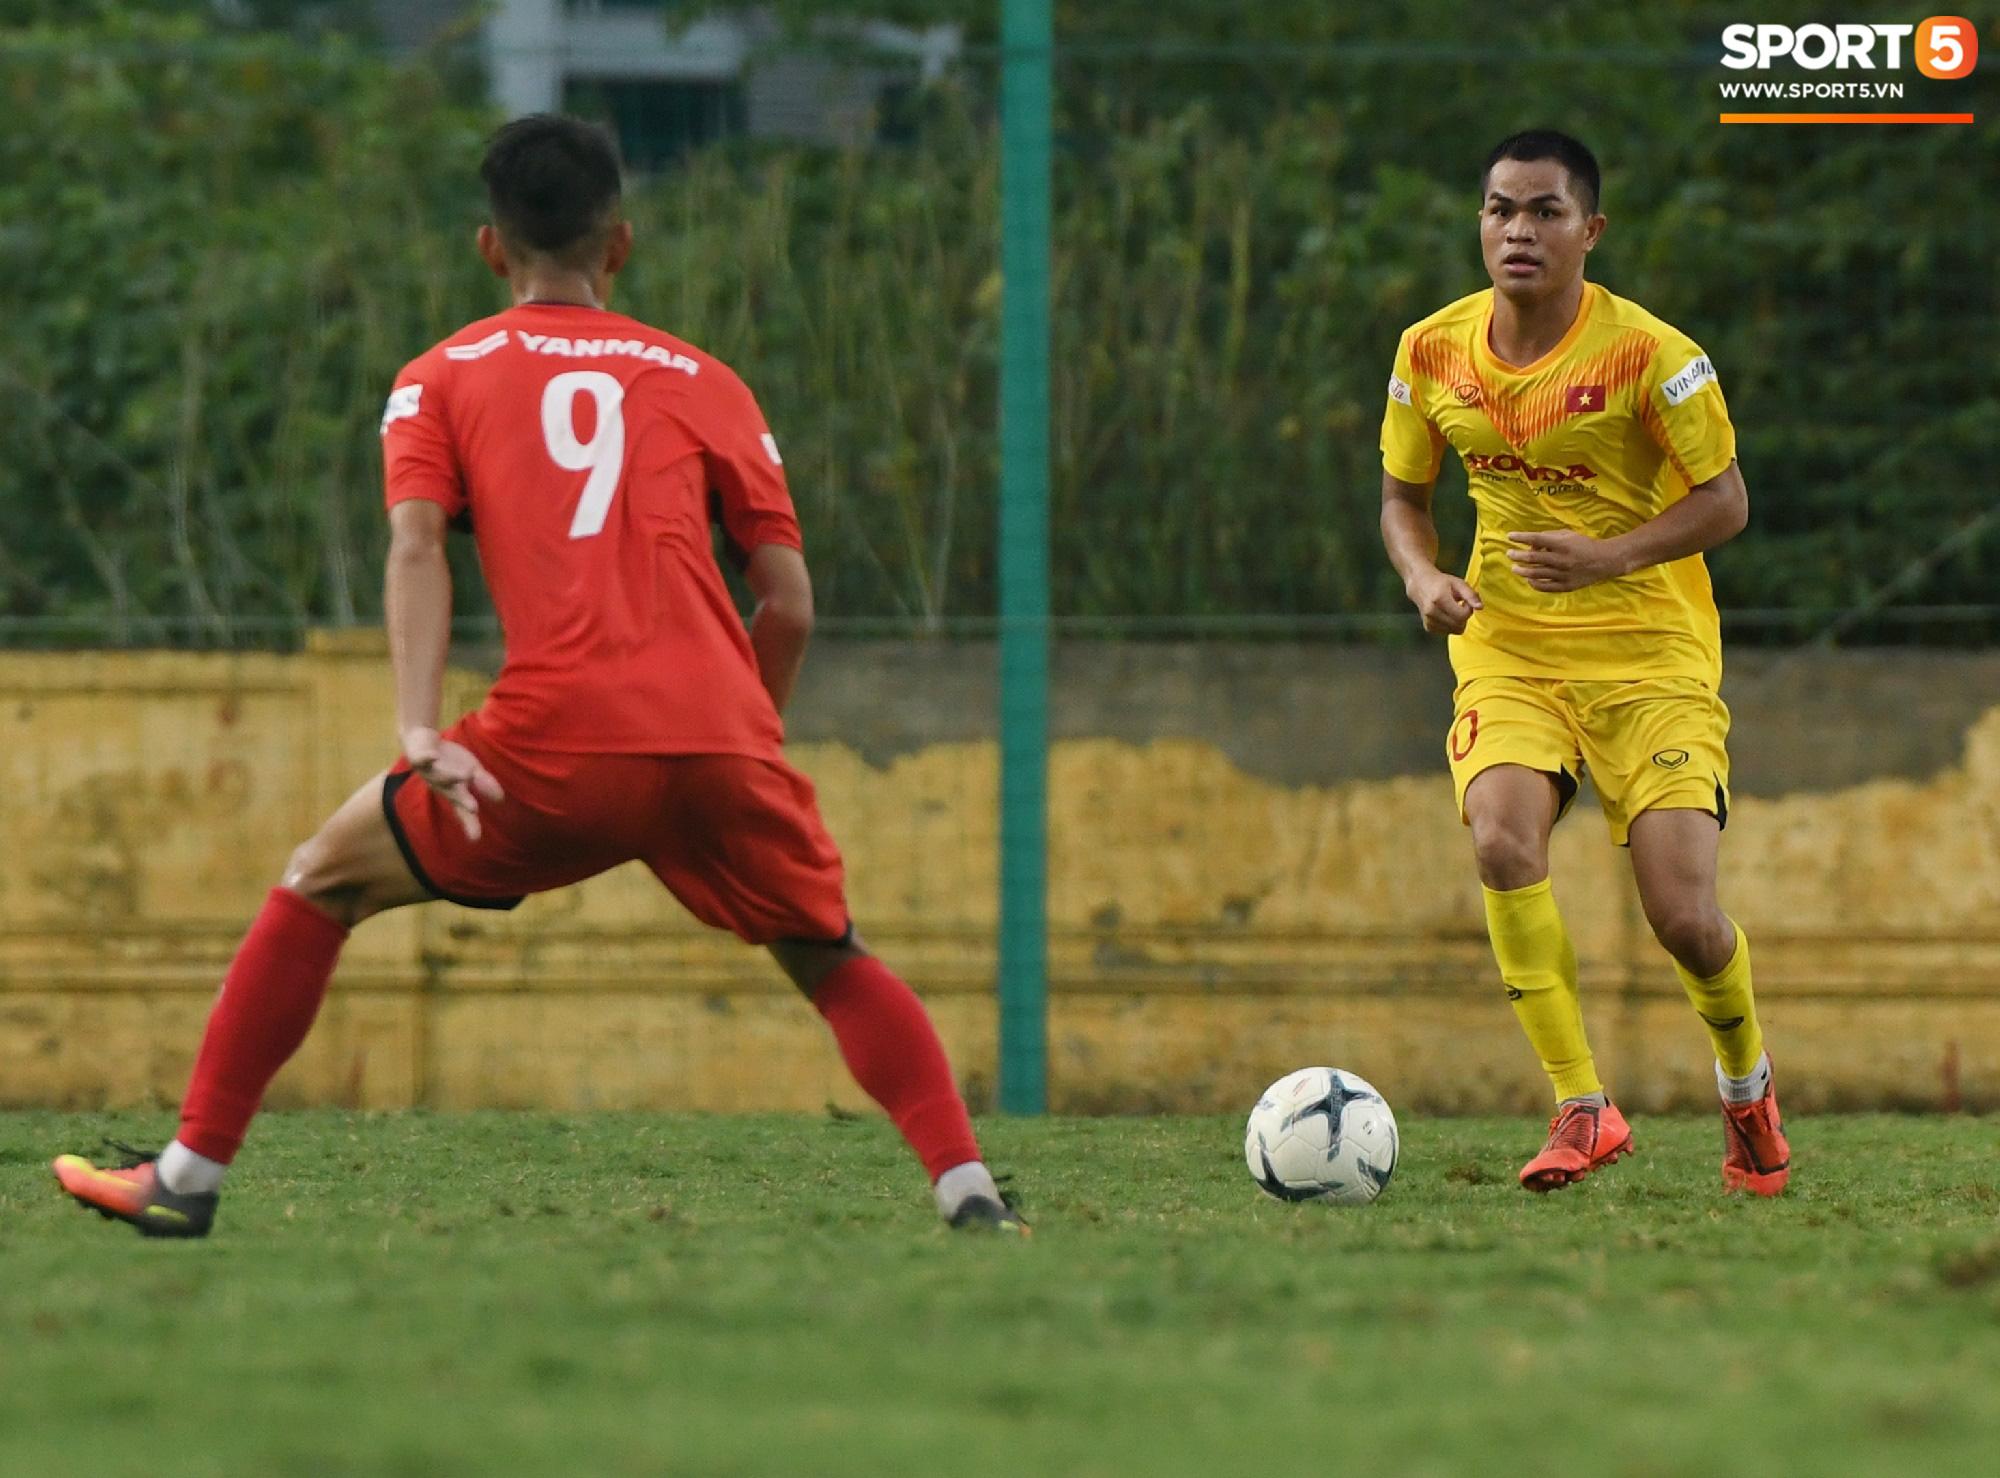 HLV Park Hang-seo dạy cho cầu thủ U22 Việt Nam bài học về cách lắng nghe, dặn dò đầy tâm huyết trước khi chia tay: Các bạn phải nỗ lực gấp đôi người khác  - Ảnh 15.